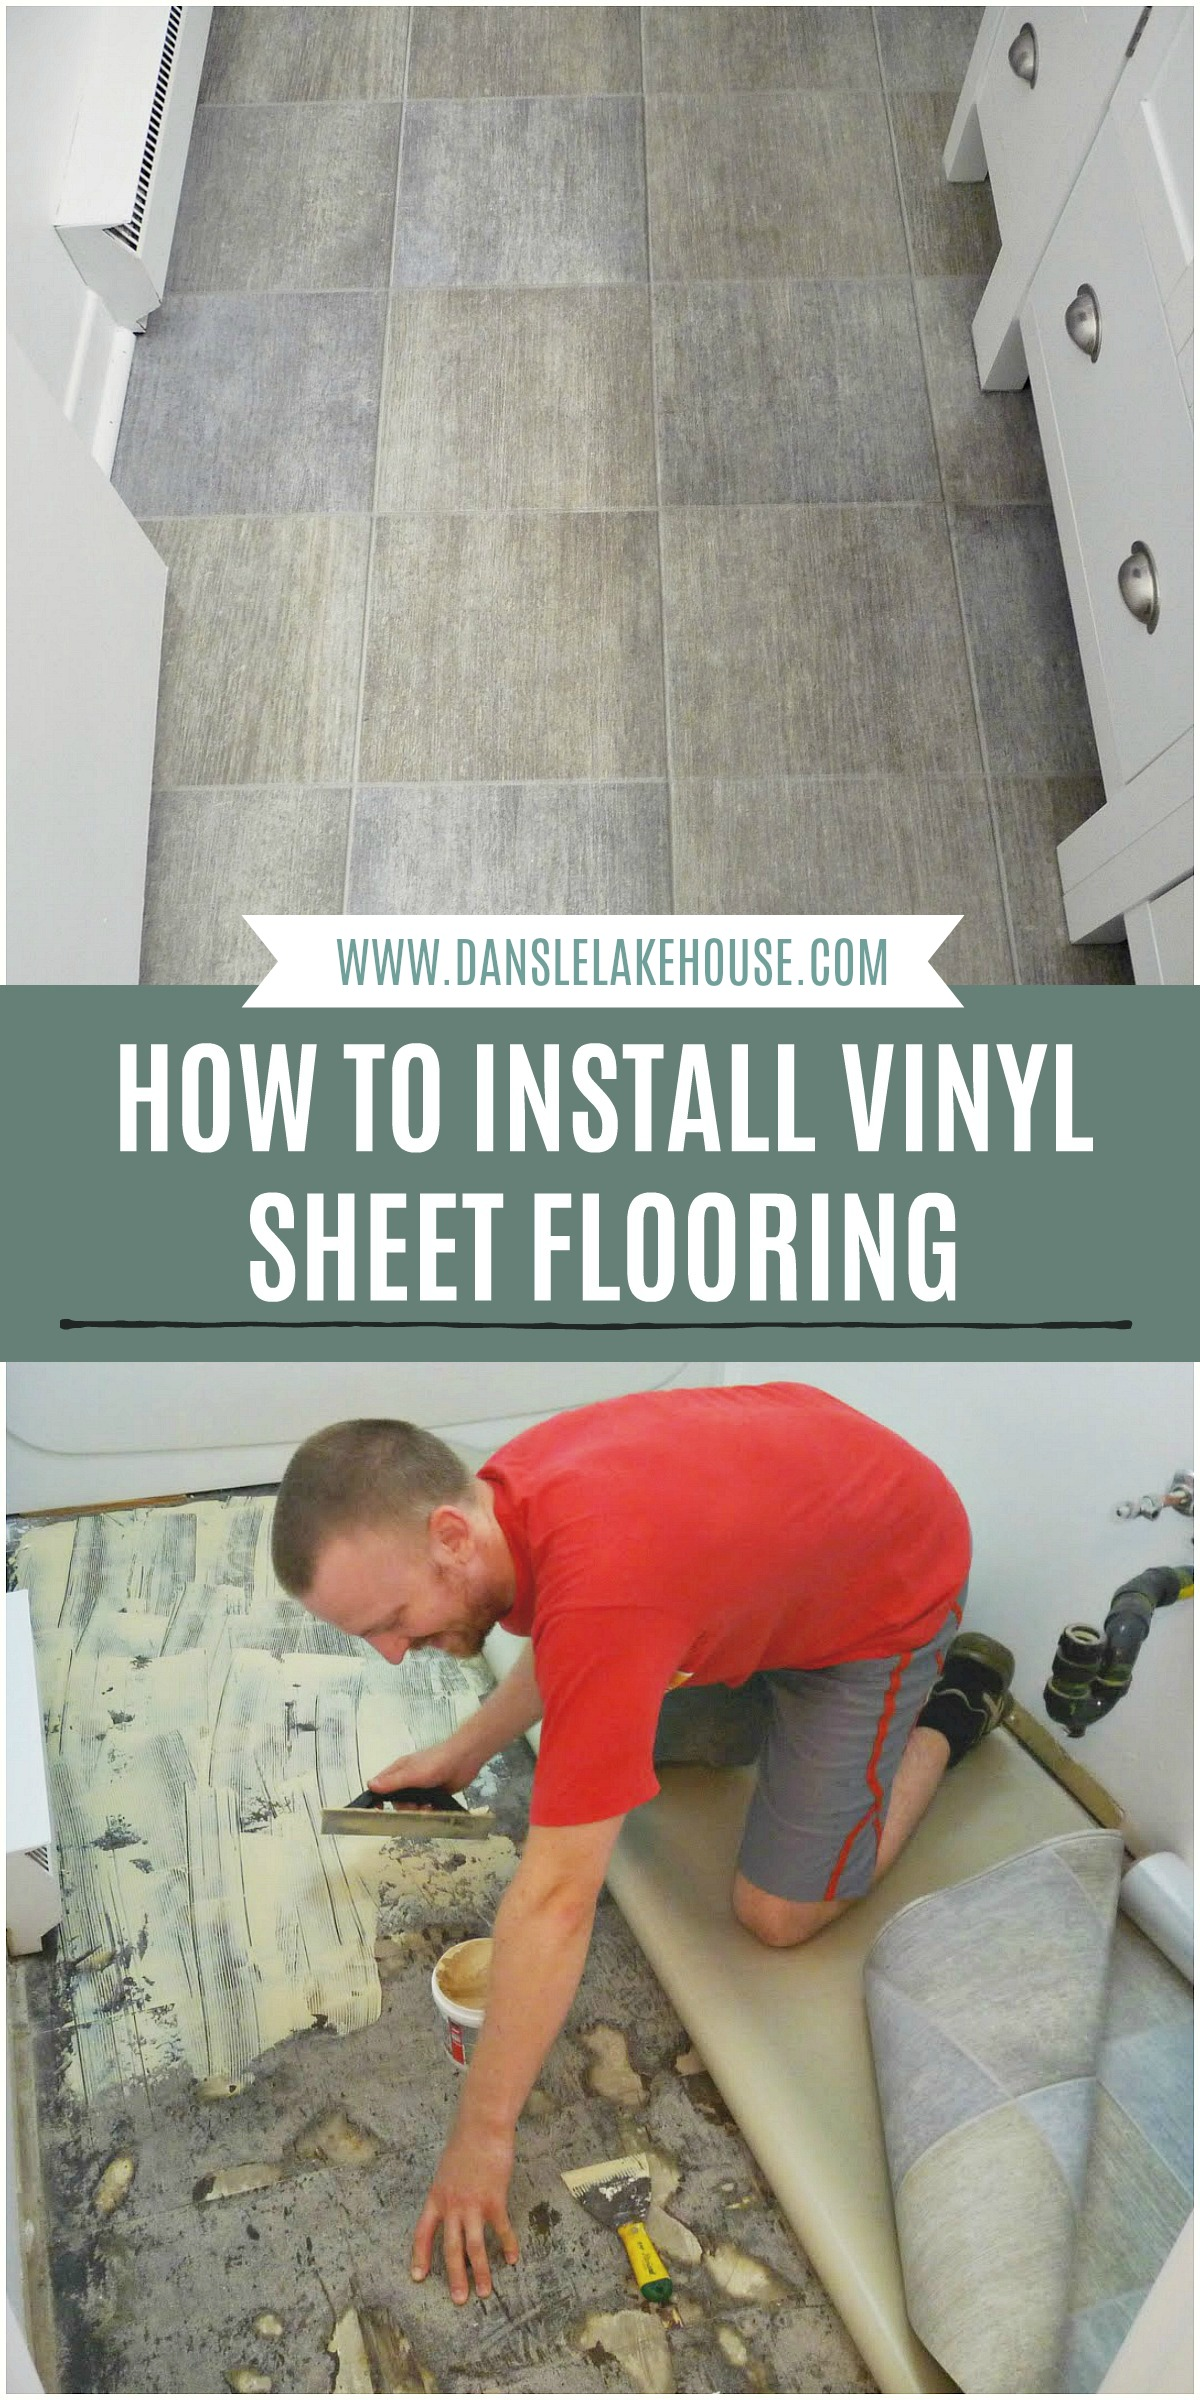 How to Install Vinyl Sheet Flooring